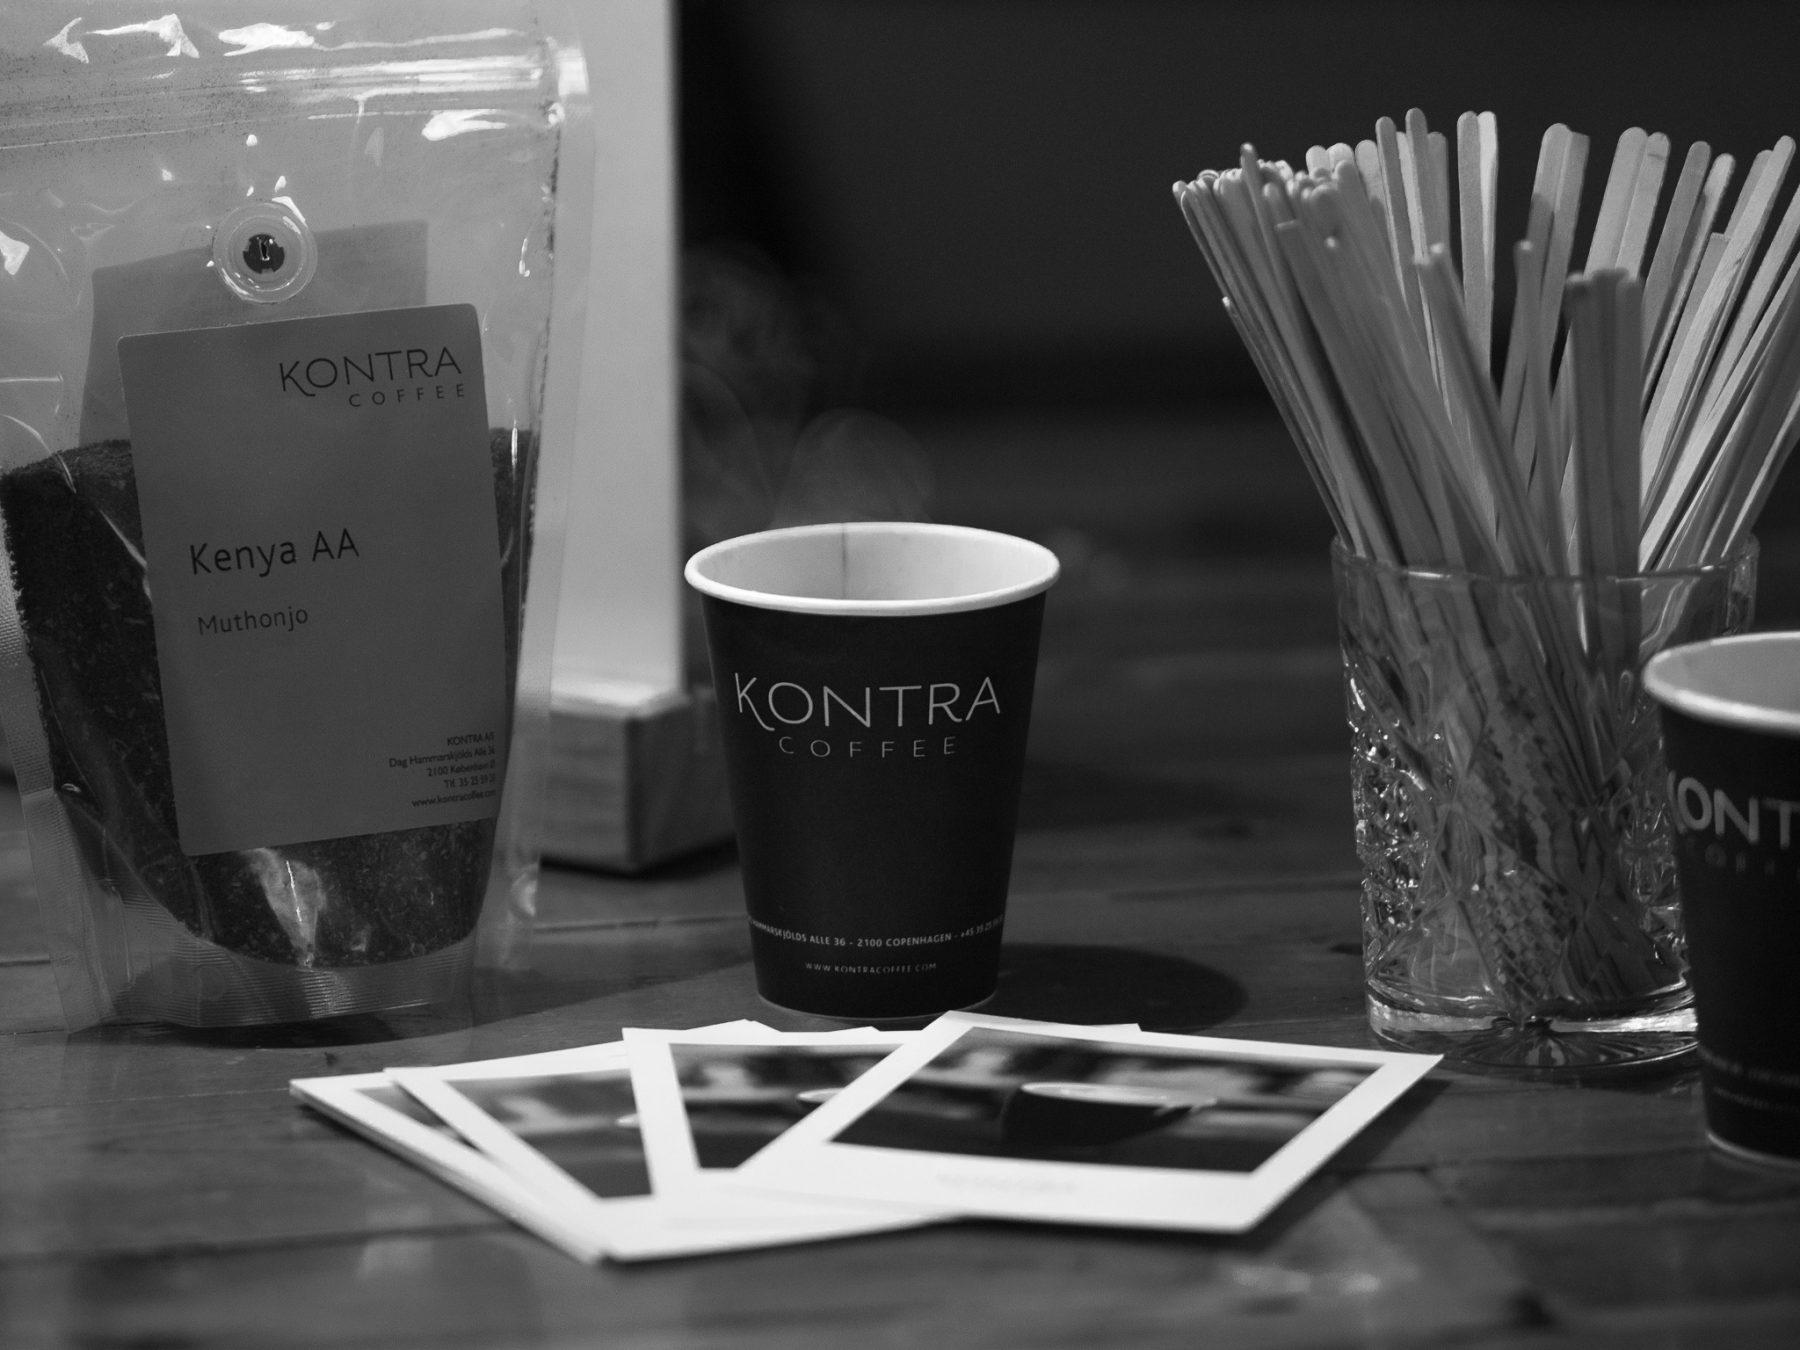 Kaffe er en vigtig del af en Creative Morning